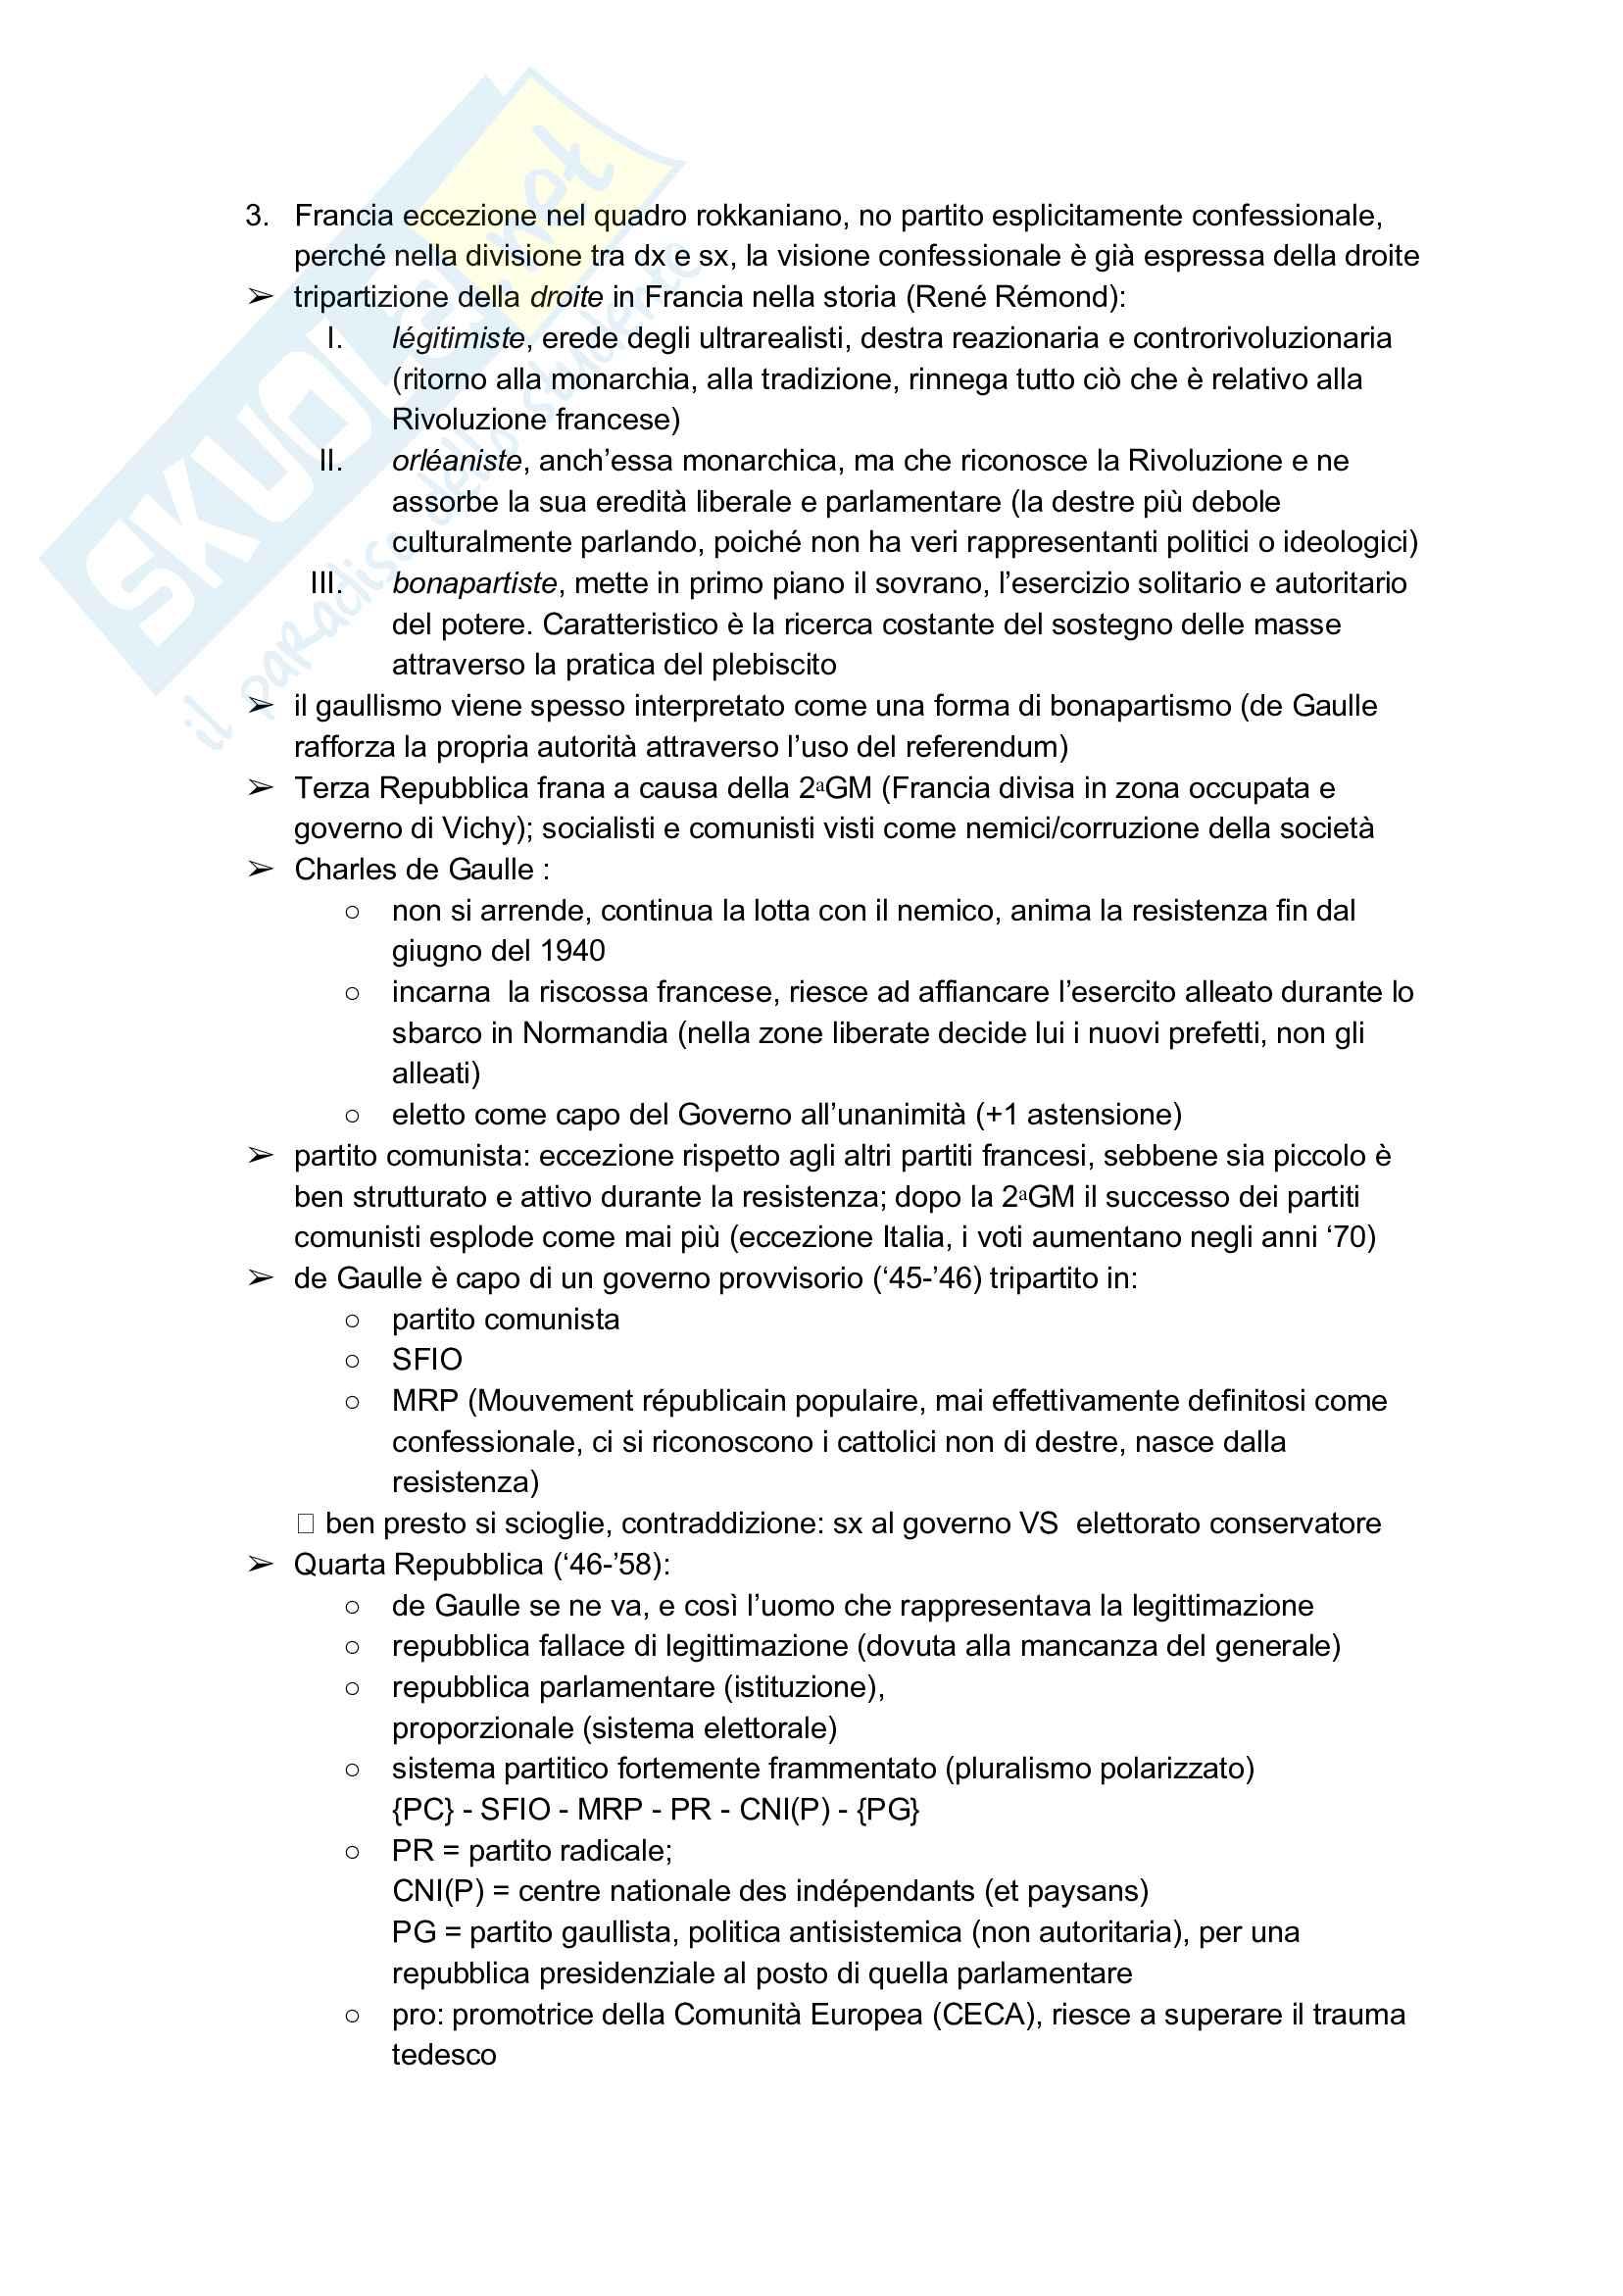 Appunti Politica comparata + Schema fratture (Lipset/Rokkan) Pag. 16